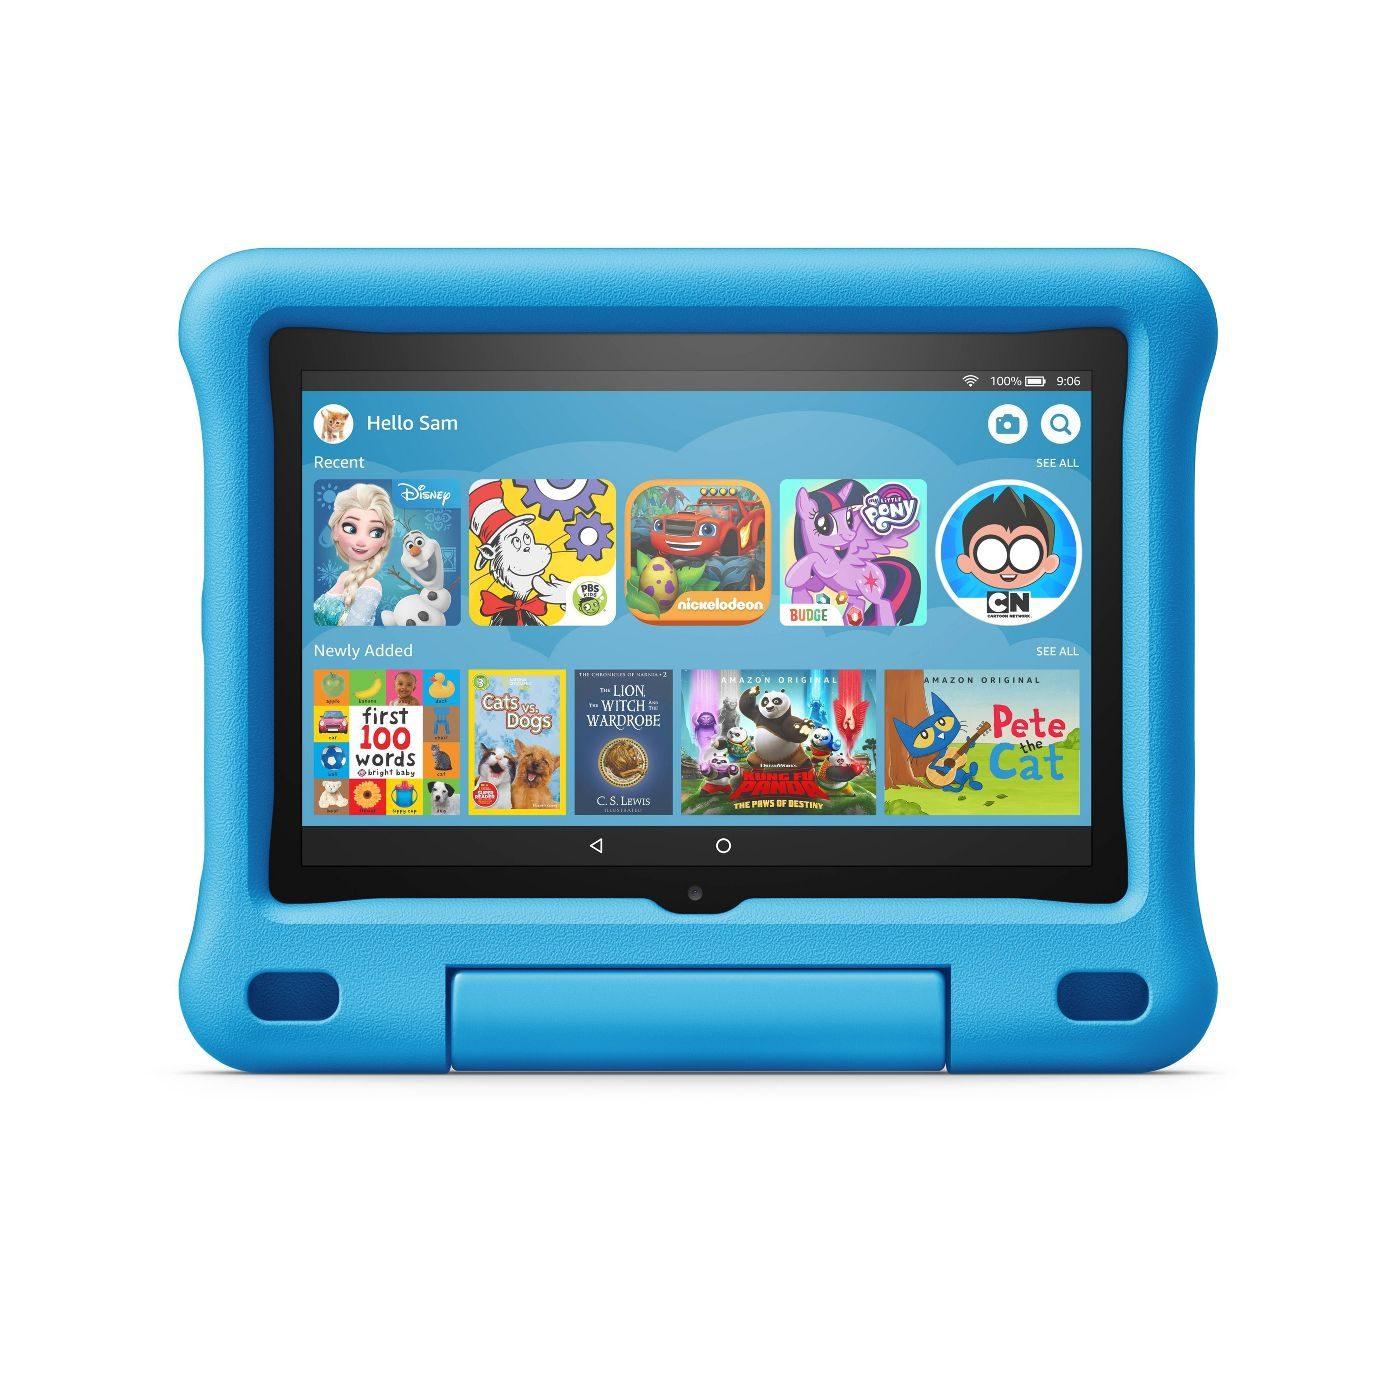 Kids electronics: Amazon Fire HD 8 Kids Edition